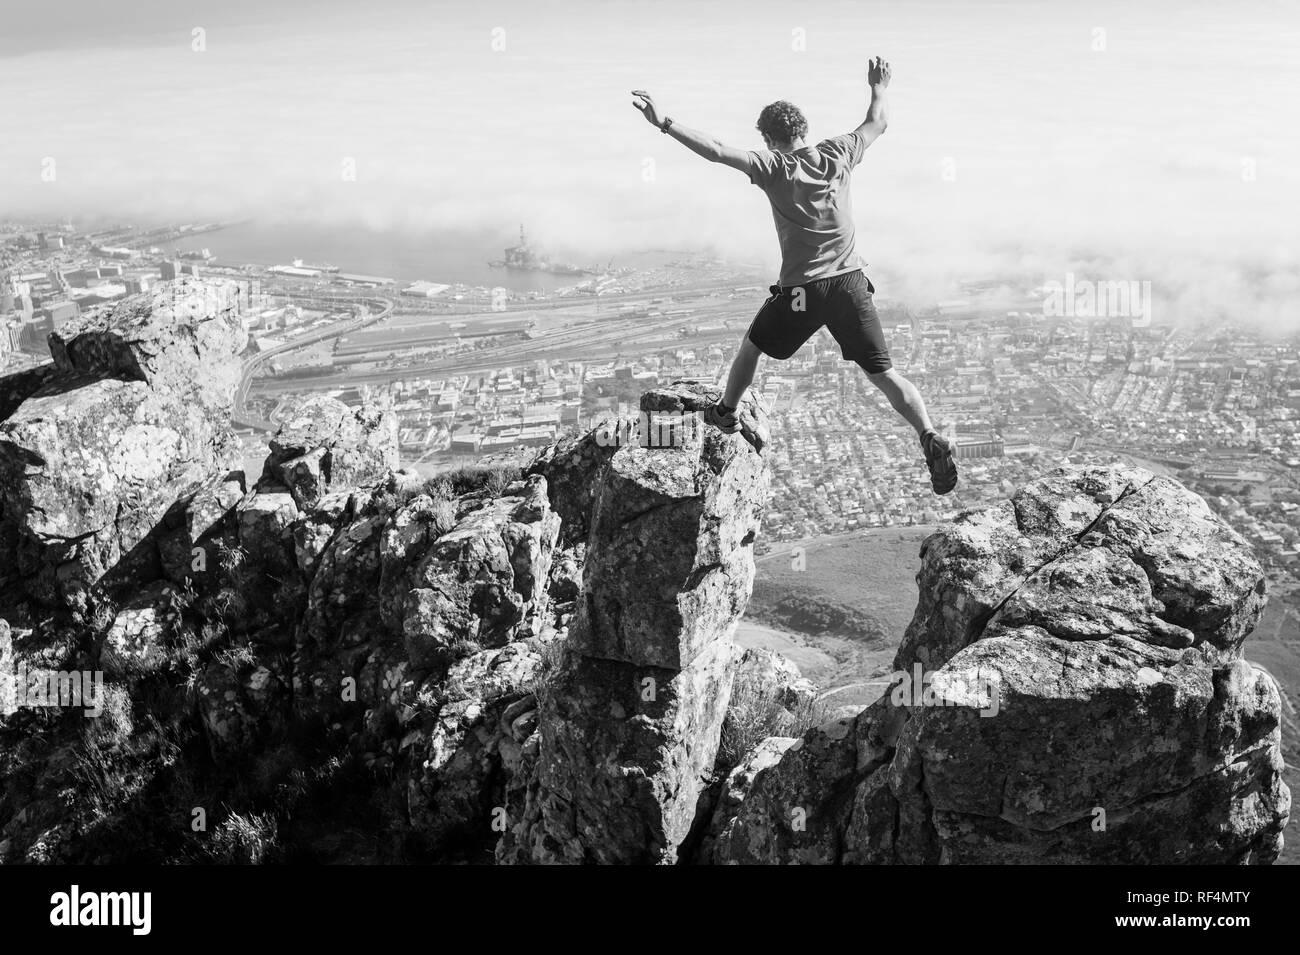 Mowbray Ridge sentier mène les randonneurs urbains de la merveille de Devil's Peak, partie de Table Mountain National Park, à Cape Town, Western Cape, Afrique du Sud Banque D'Images